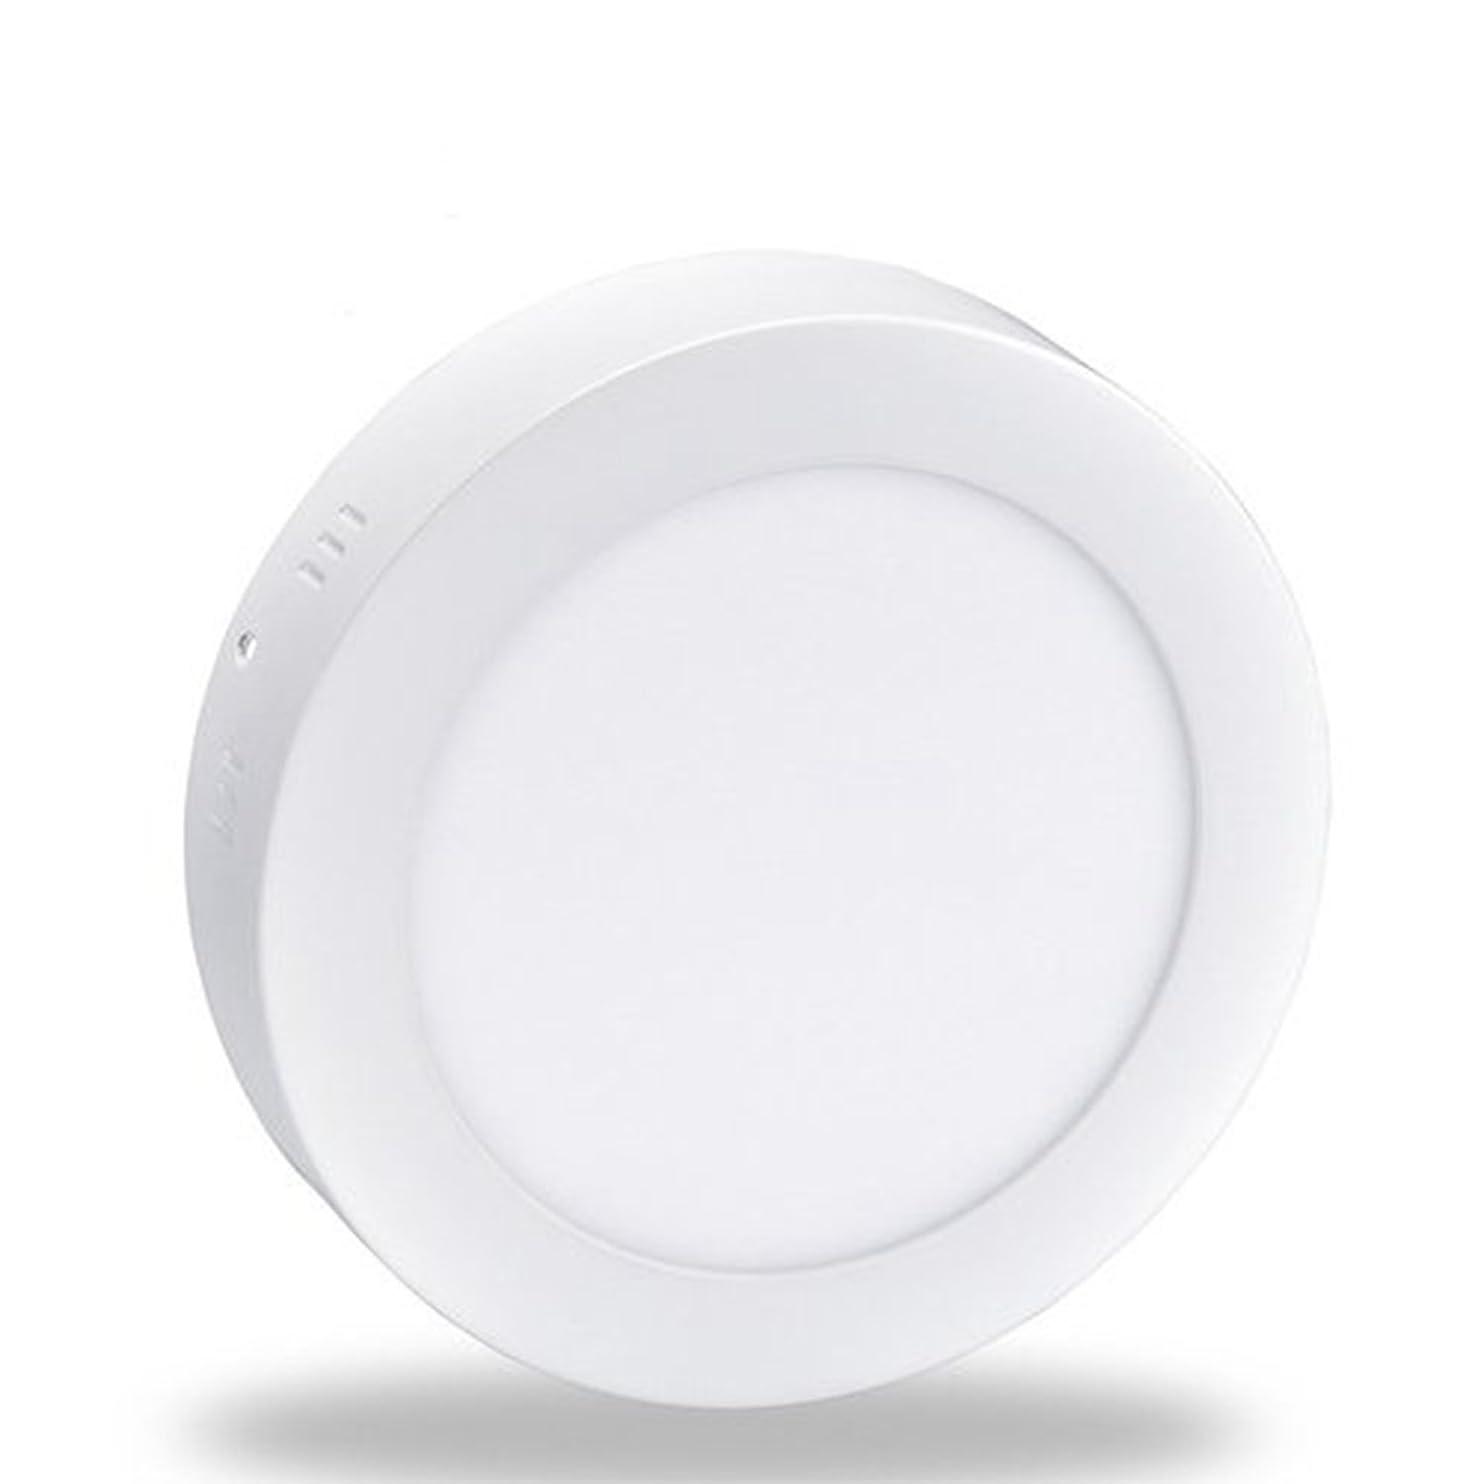 有害な努力すずめ丸型 LEDシーリングダウンライトダウンライト ledライト 電球色 昼白色 和風 引掛式 簡単取付 (12W, 昼白色)